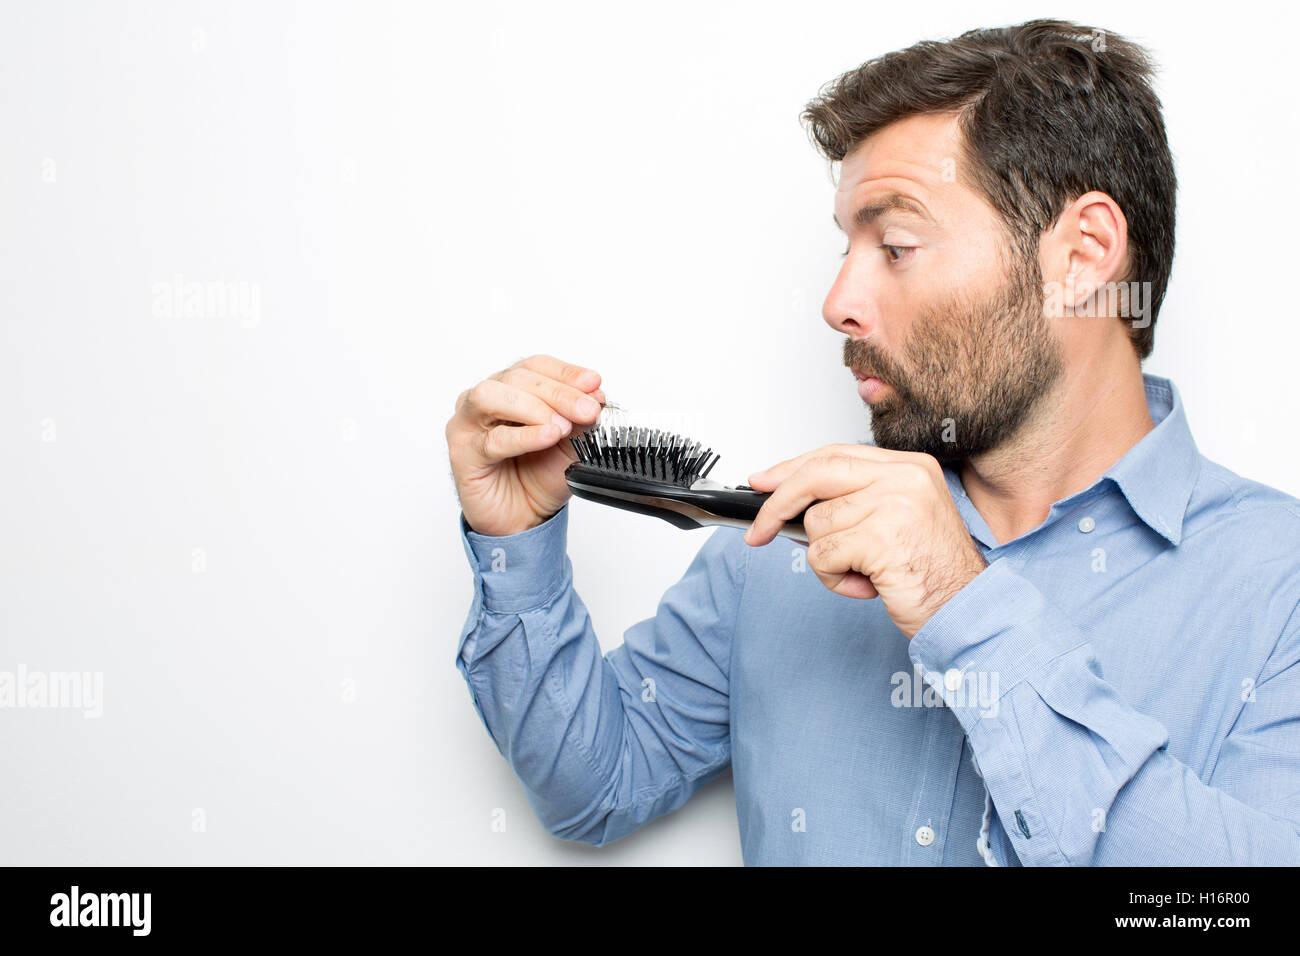 Hombre morena comprobando su cepillo perder el pelo Foto de stock